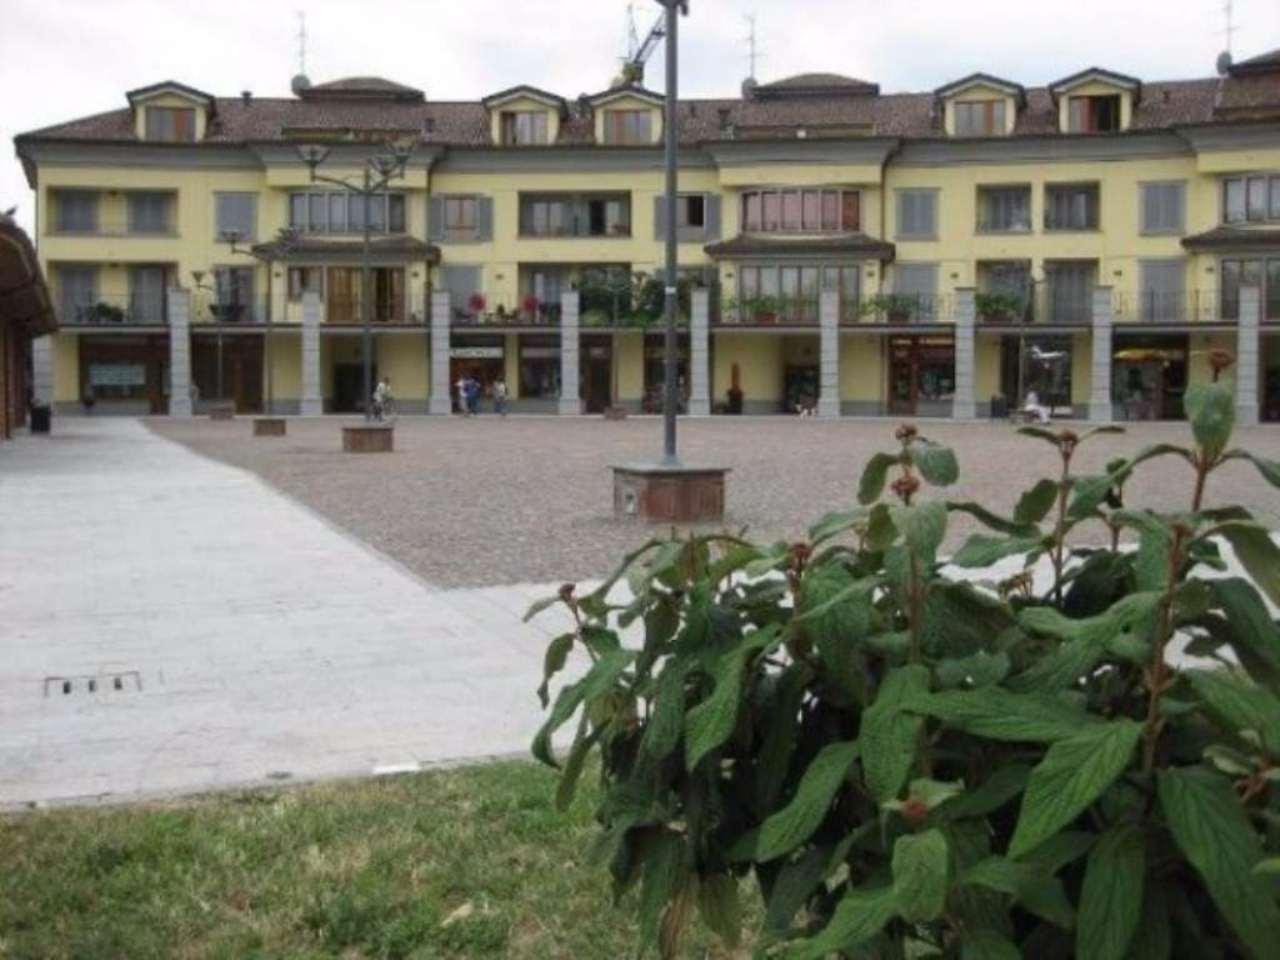 Attico / Mansarda in vendita a Senago, 2 locali, prezzo € 129.000 | Cambio Casa.it